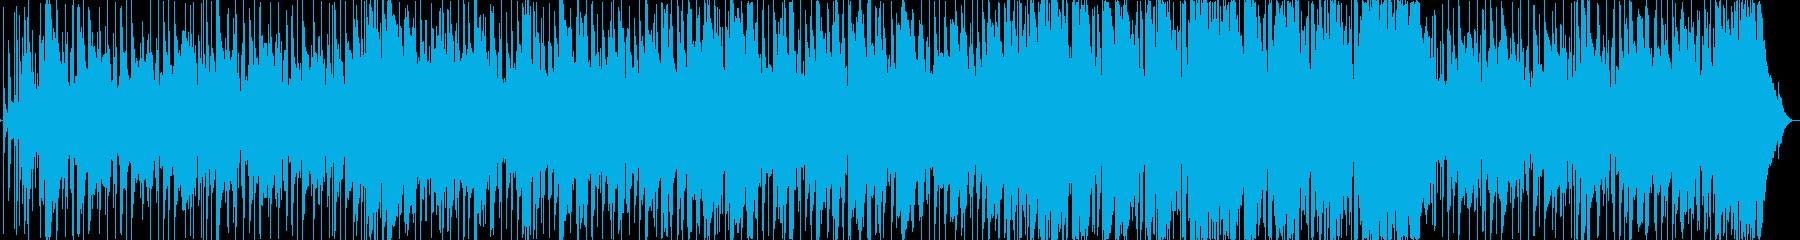 ドラム生演奏による爽やかフュージョンの再生済みの波形